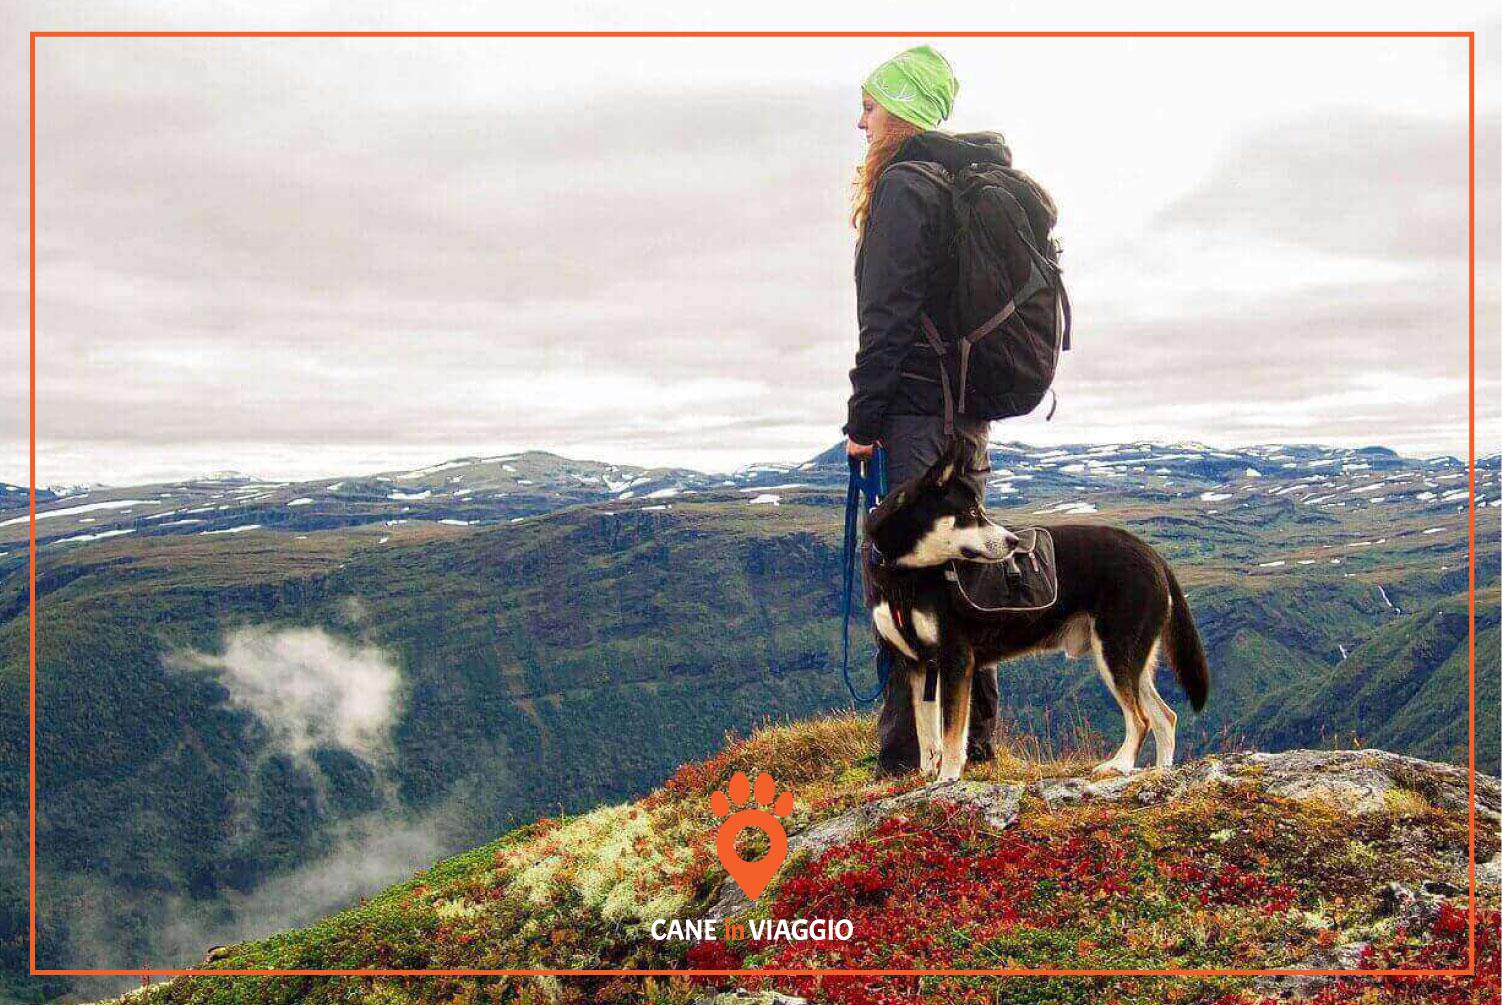 padrona e il suo cane in cima ad una montagna durante il trekking